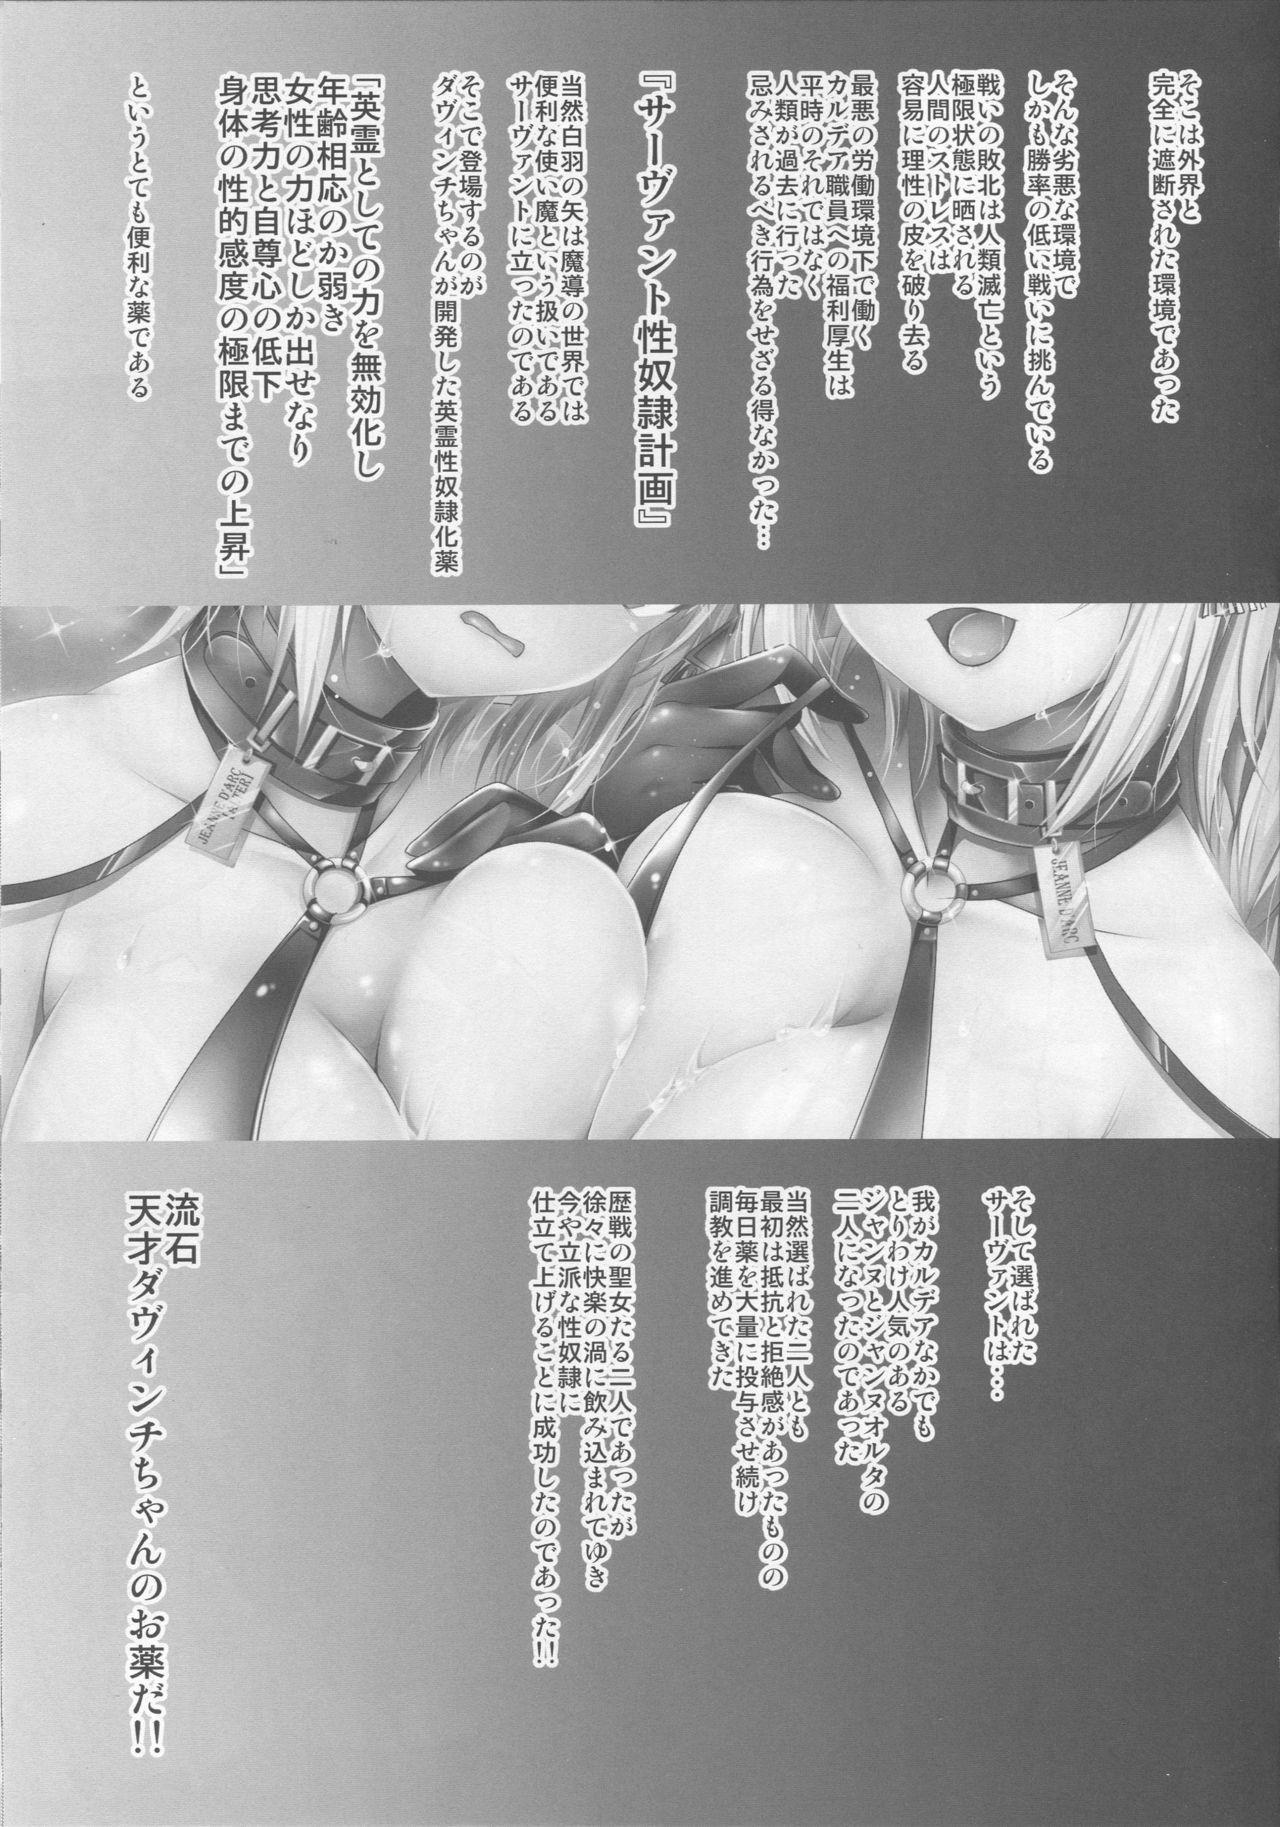 Seidorei Servant 5